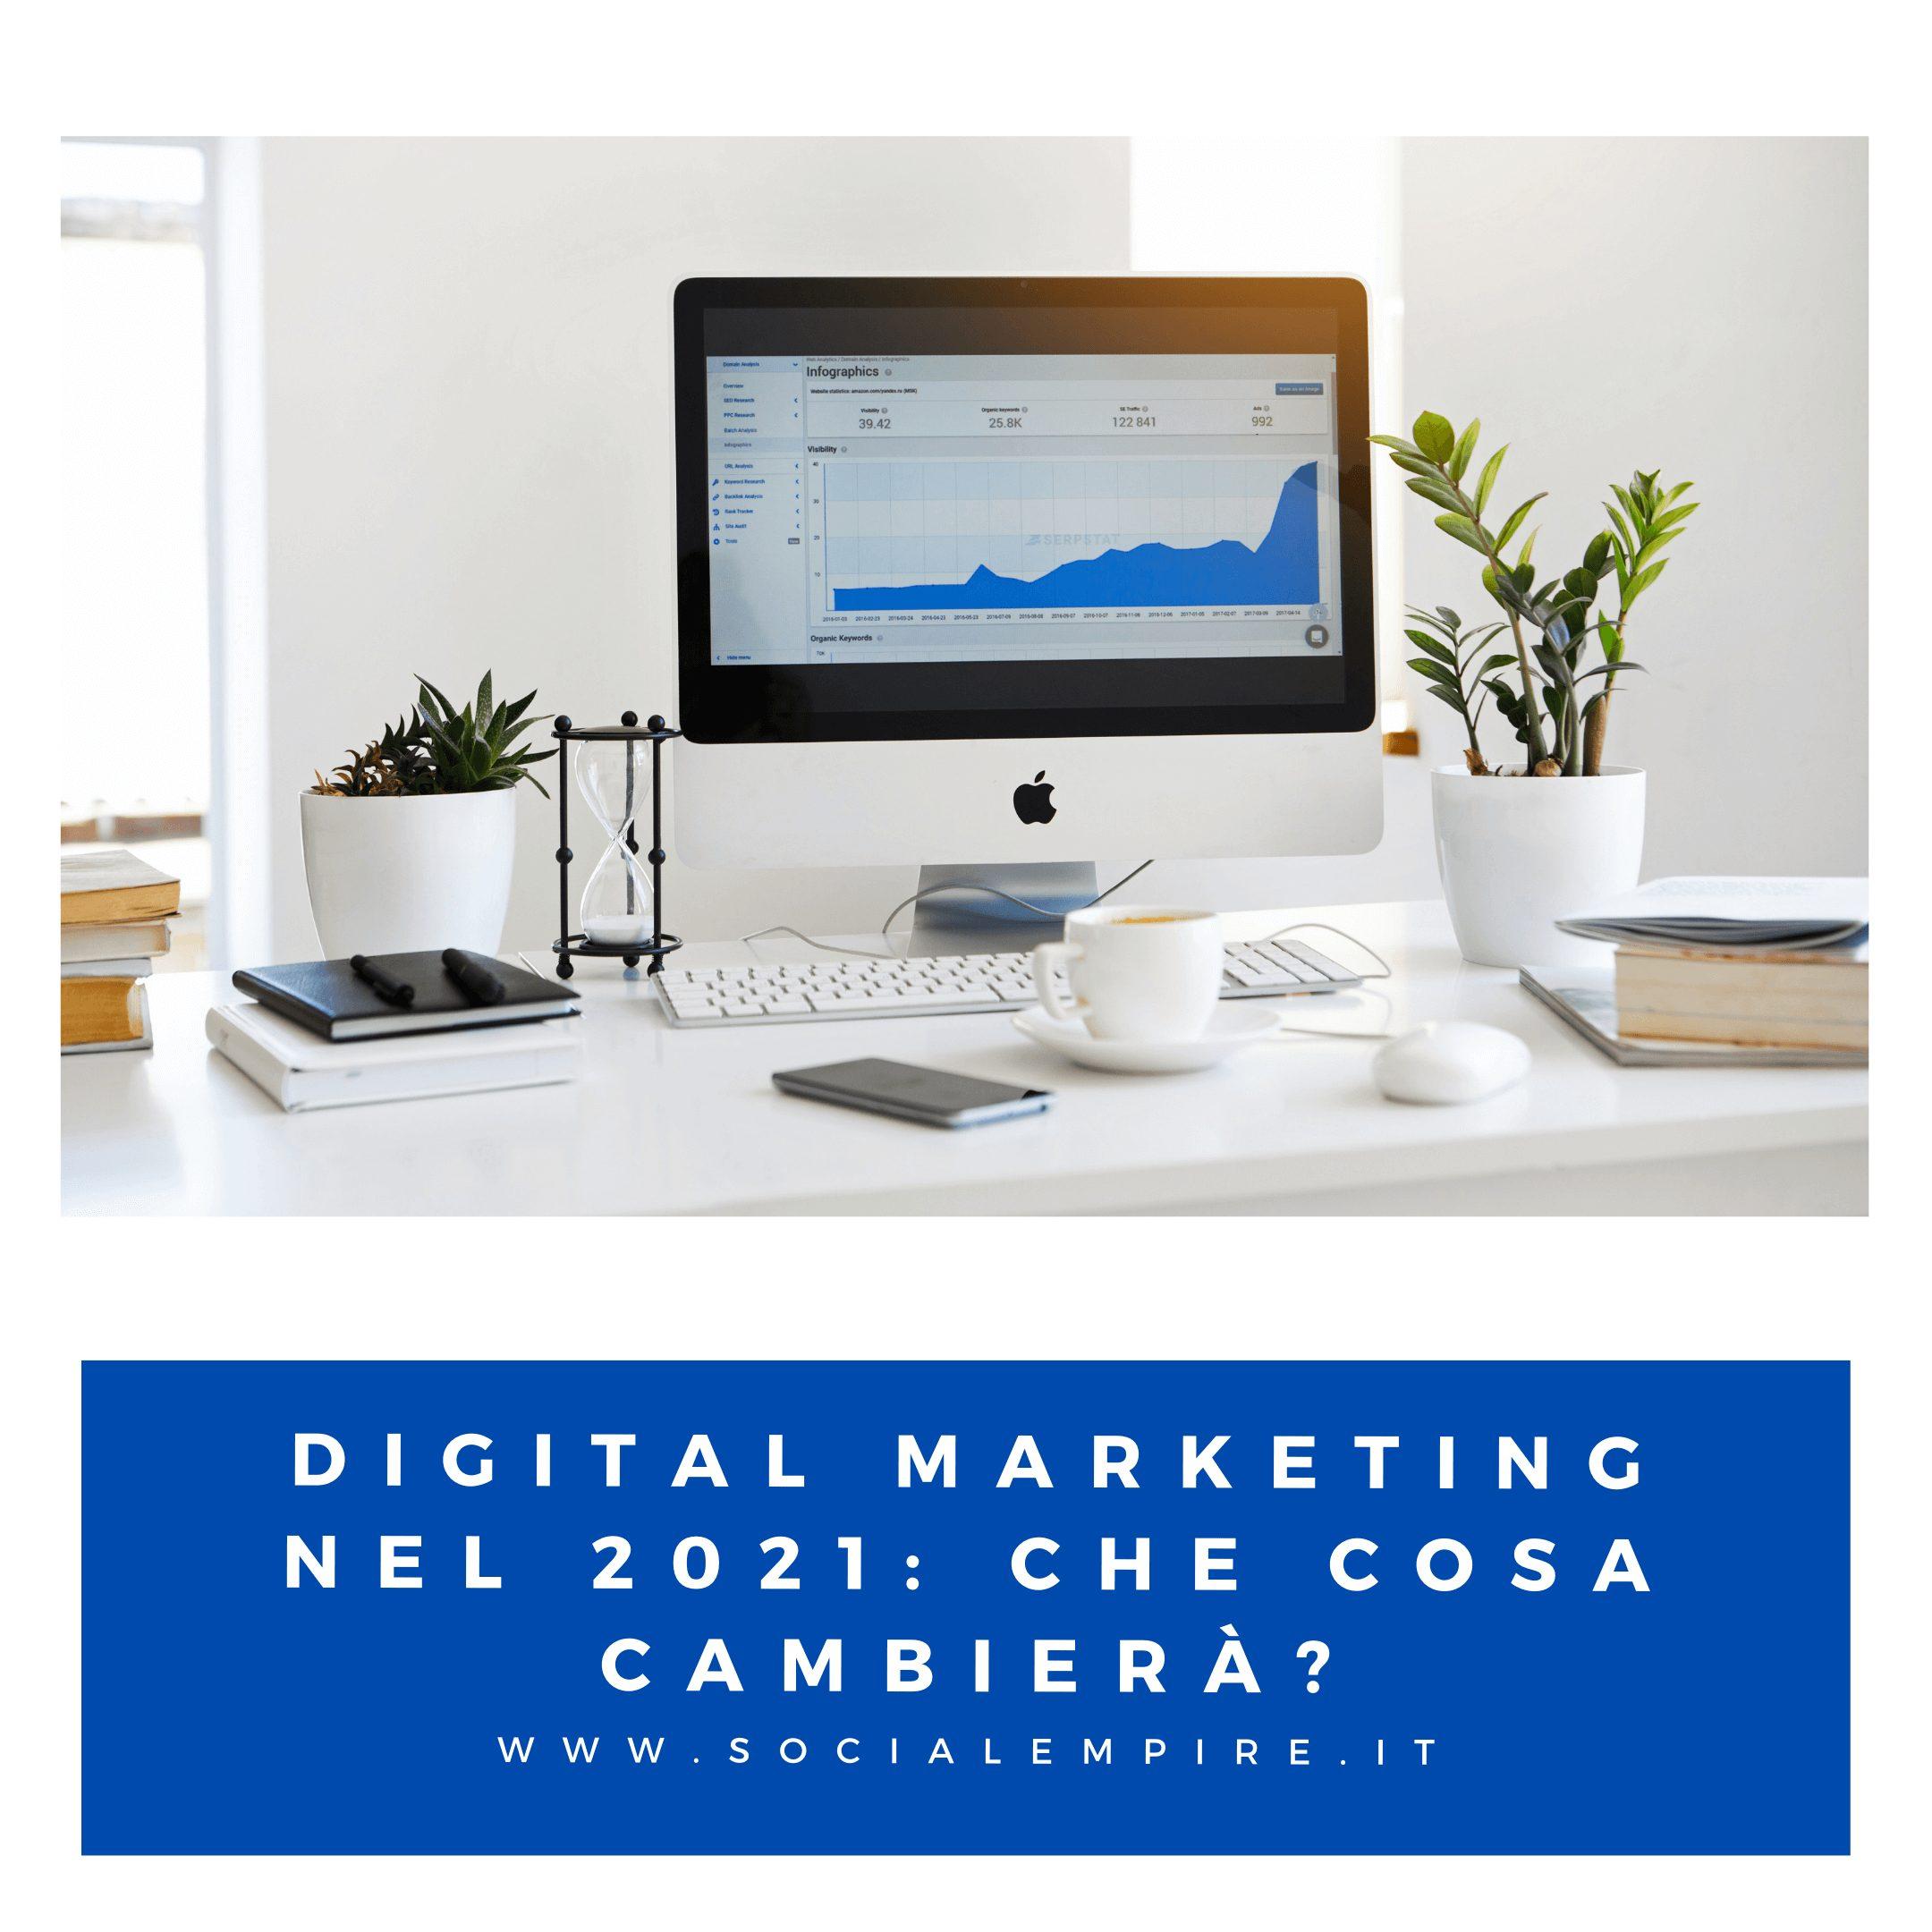 Digital Marketing nel 2021: Che cosa cambierà?